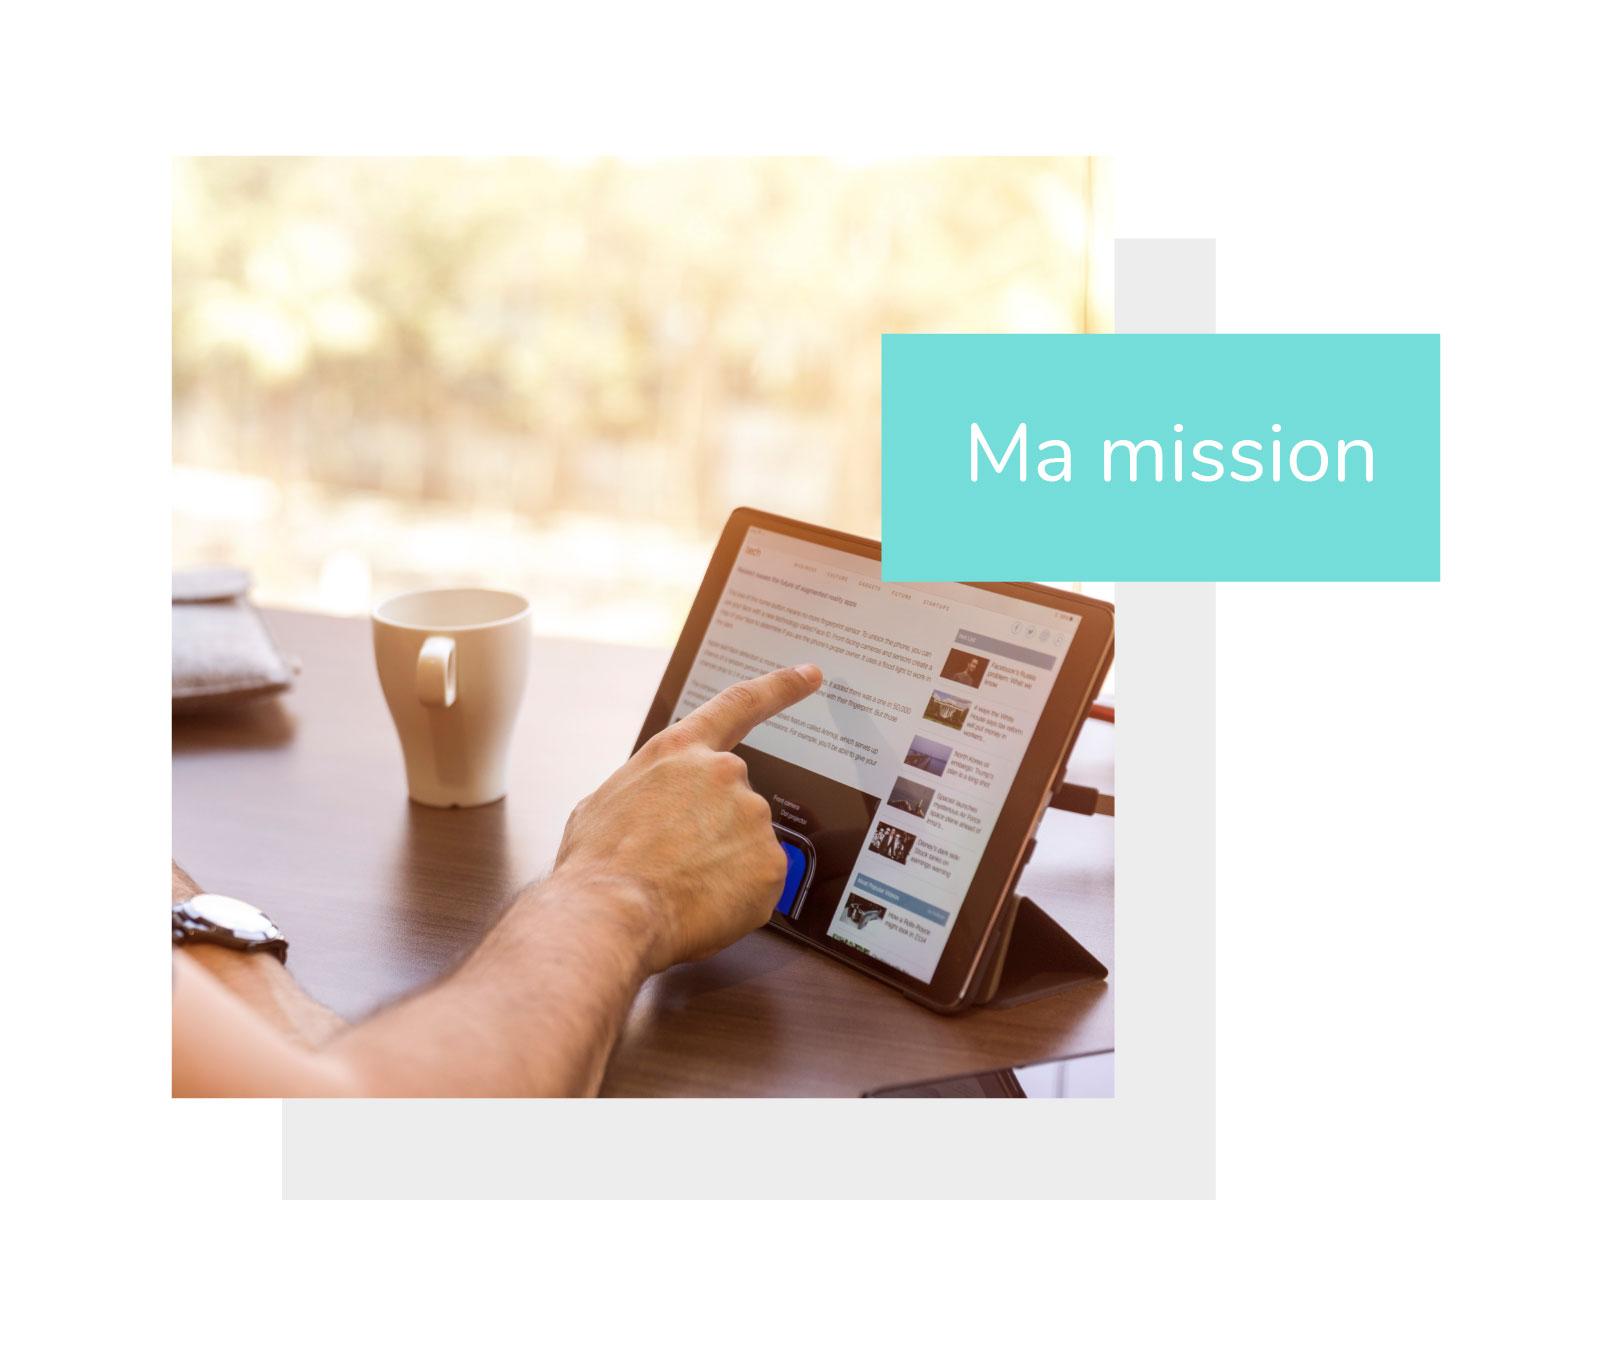 ma mission : Ma mission est d'aider les entreprises à réussir la transformation digitale de leur pôle marketing et commercial, et notamment à utiliser pleinement le potentiel du web pour se développer.